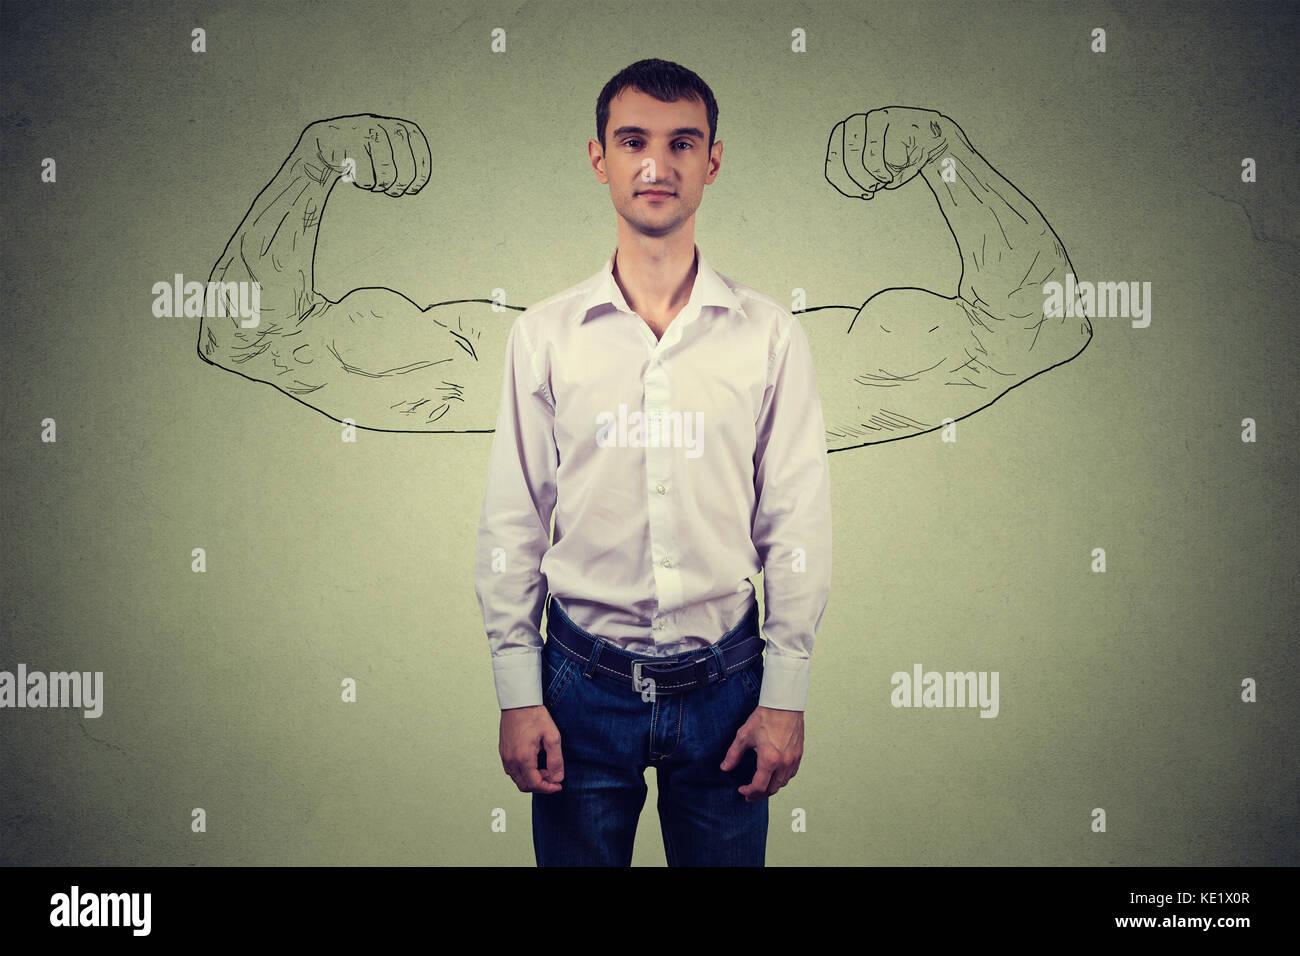 Mächtige mann Realität vs Ehrgeiz Wunschdenken Konzept. menschliches Gesicht ausdrücken, Emotionen Stockbild